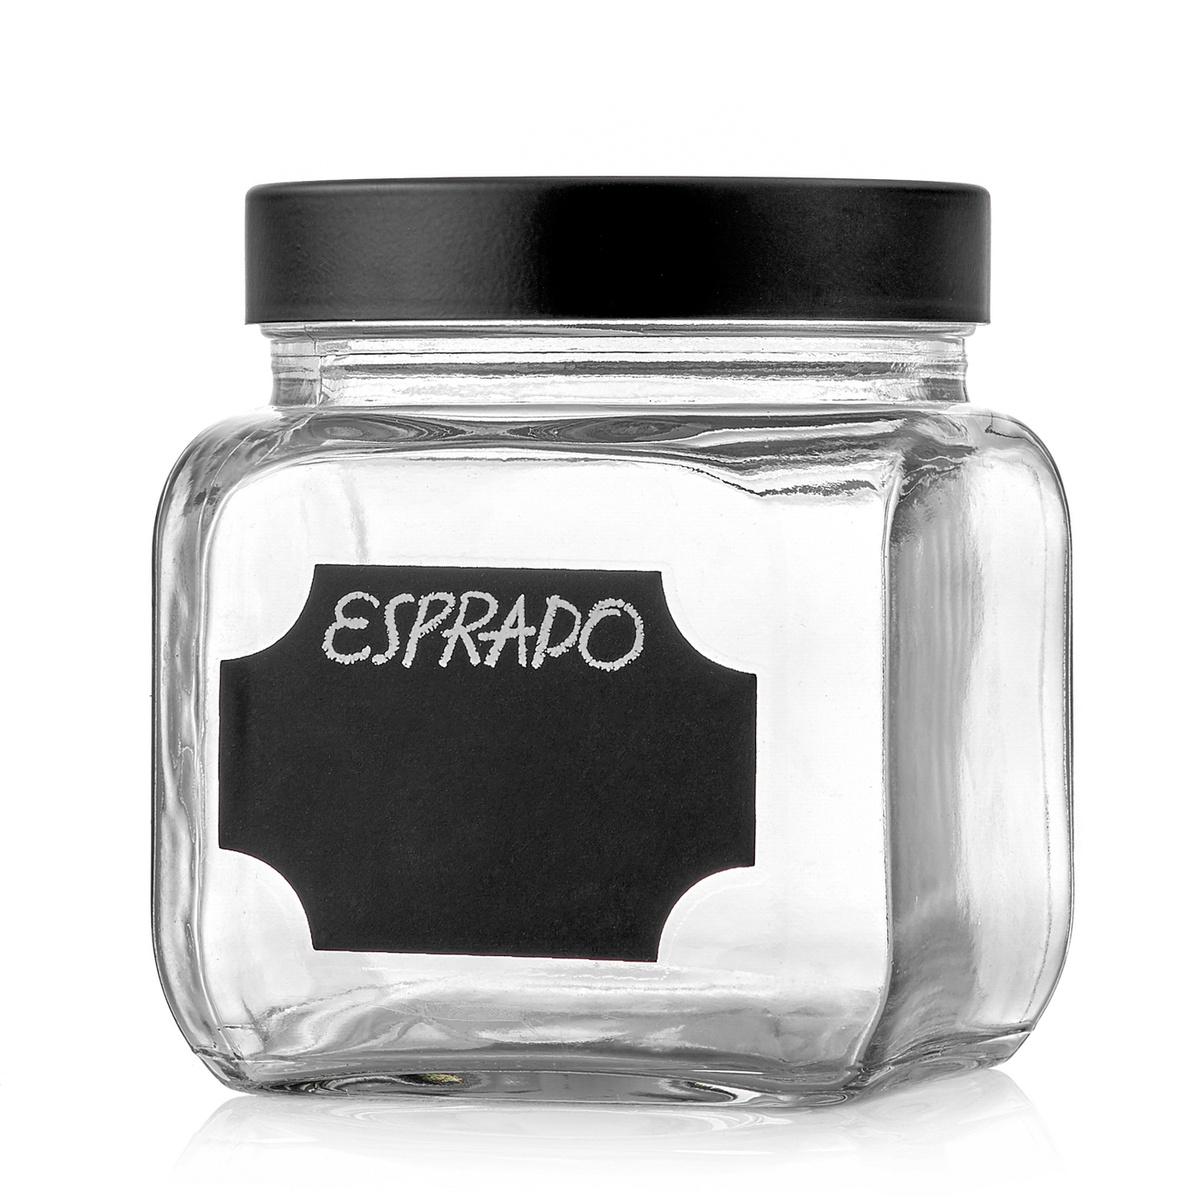 Банка для сыпучих продуктов Esprado, 700 мл, 1 шт #1